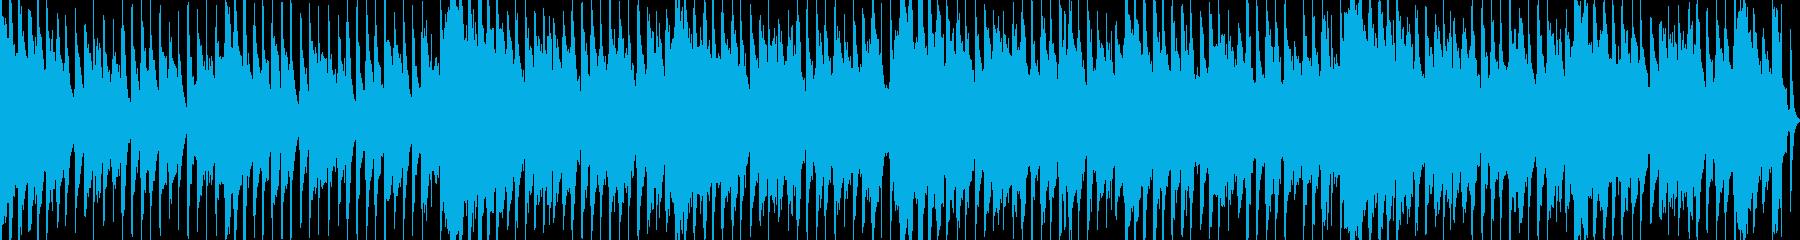 メルヘンチックな可愛いループBGMの再生済みの波形